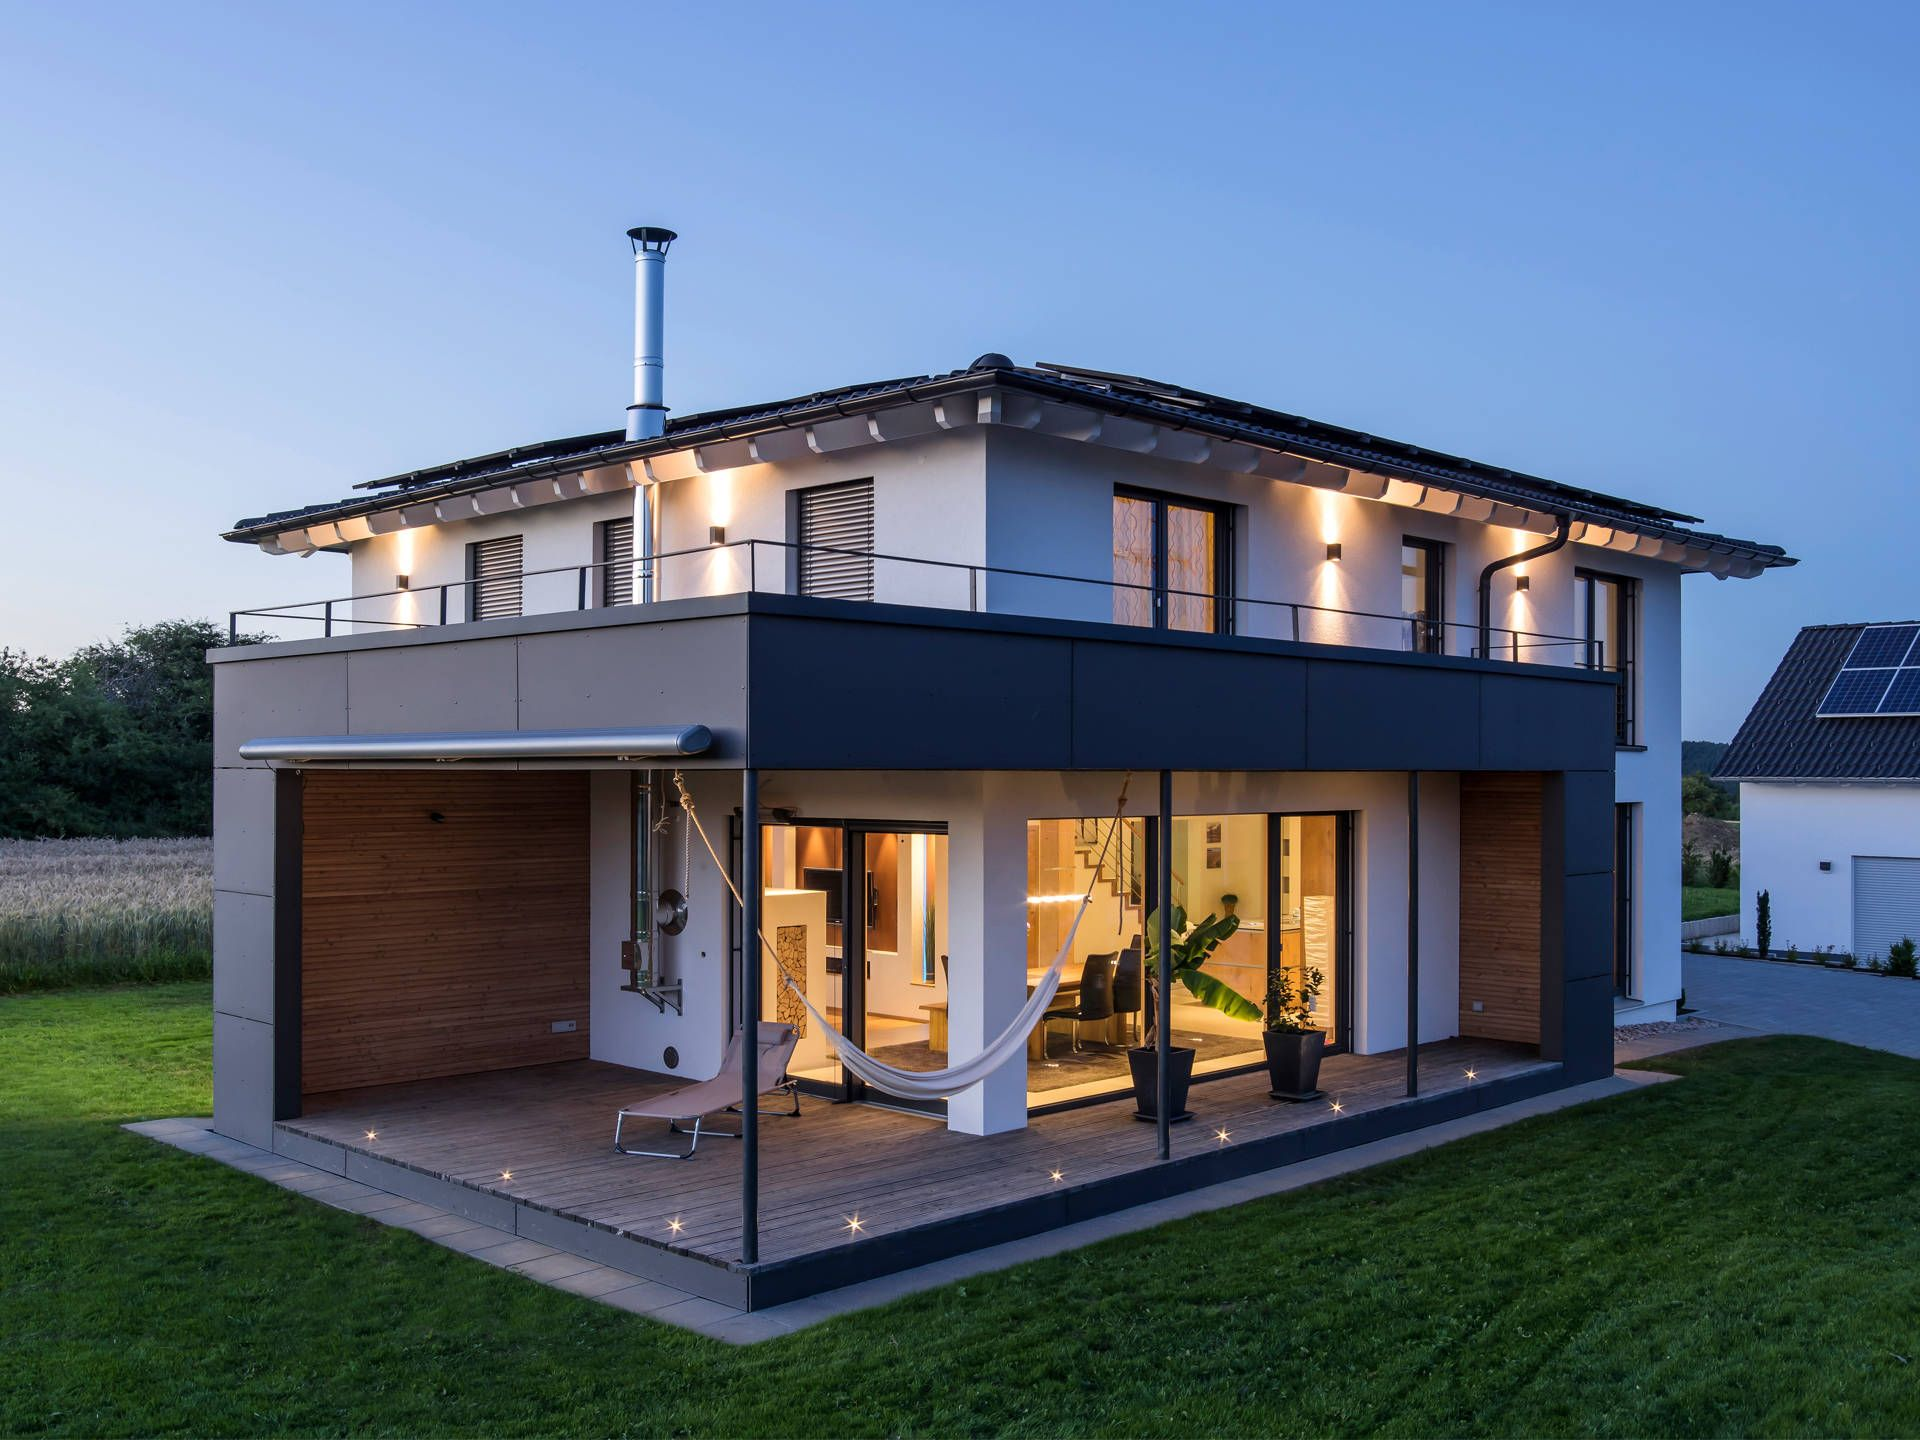 KitzlingerHaus GmbH Häuser, Preise, Erfahrungen bei (mit